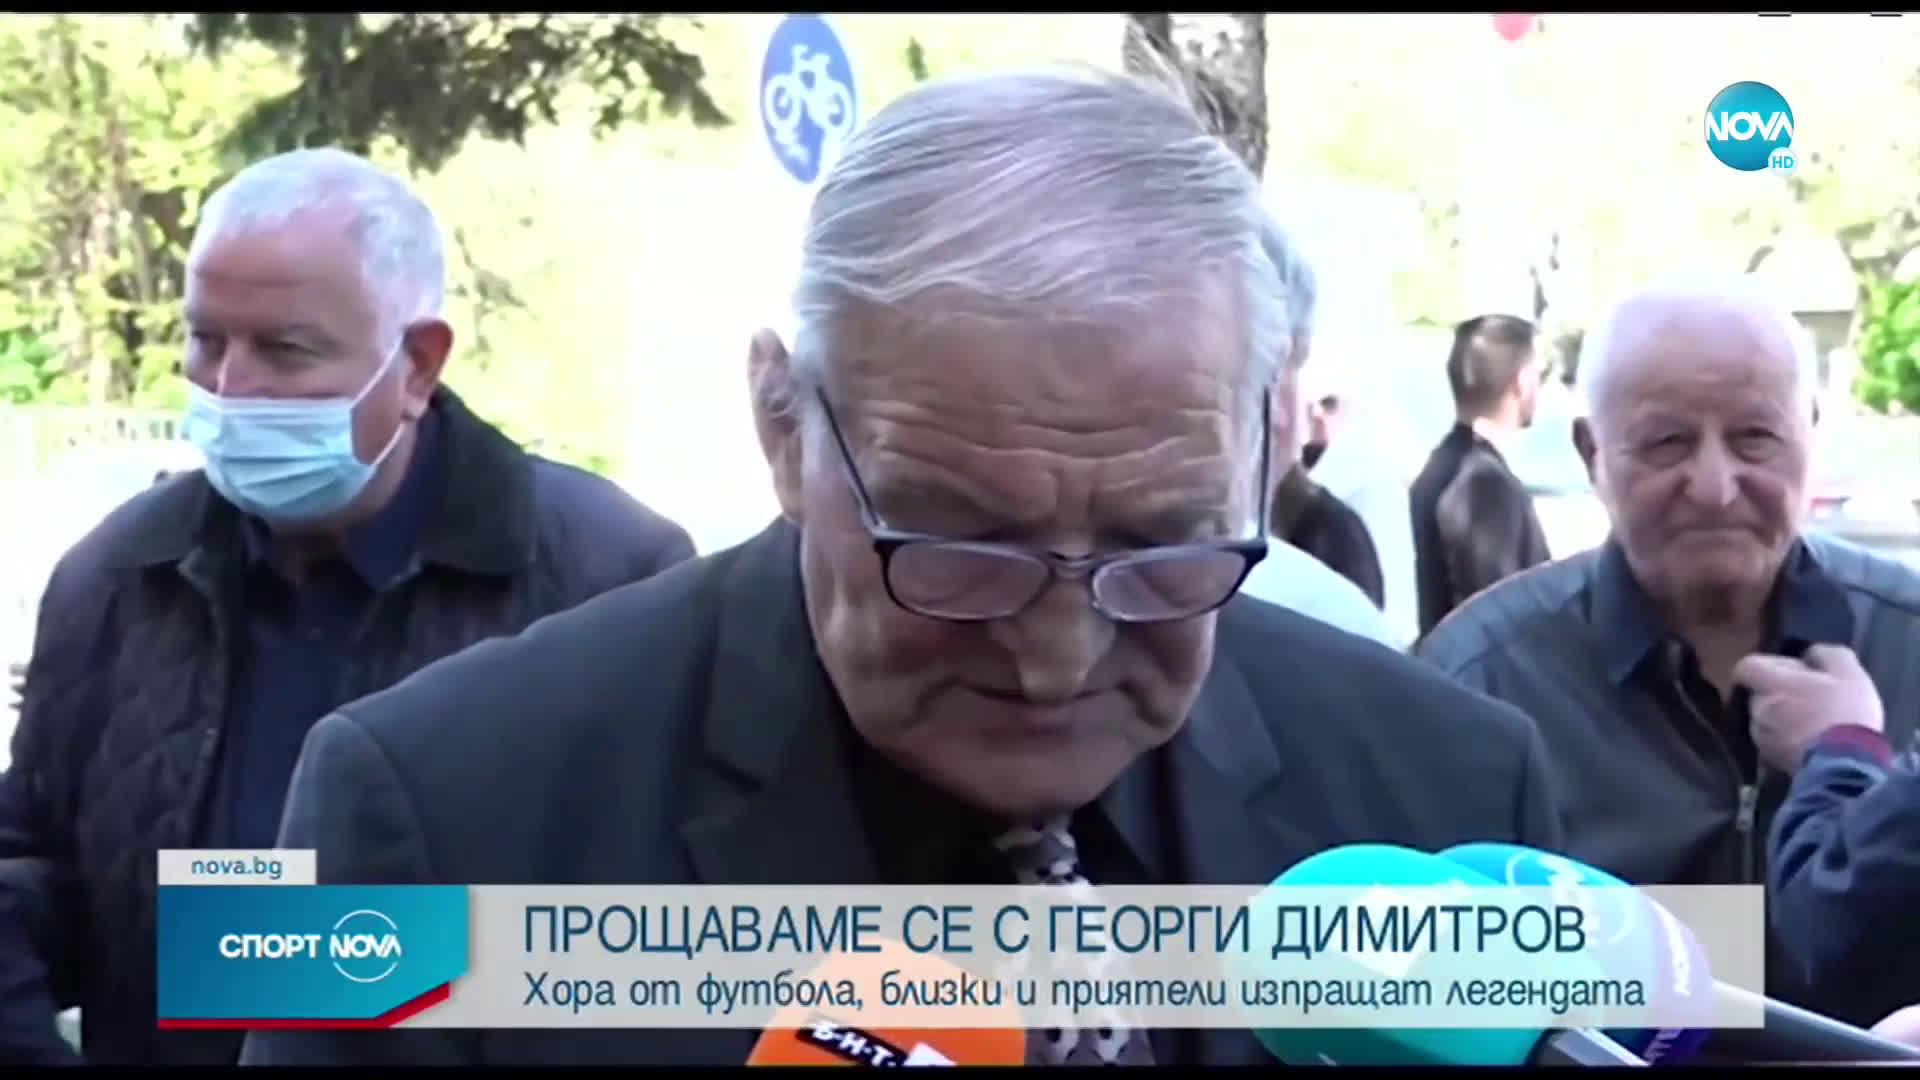 Българският футболен свят се поклони пред Георги Димитров - Джеки